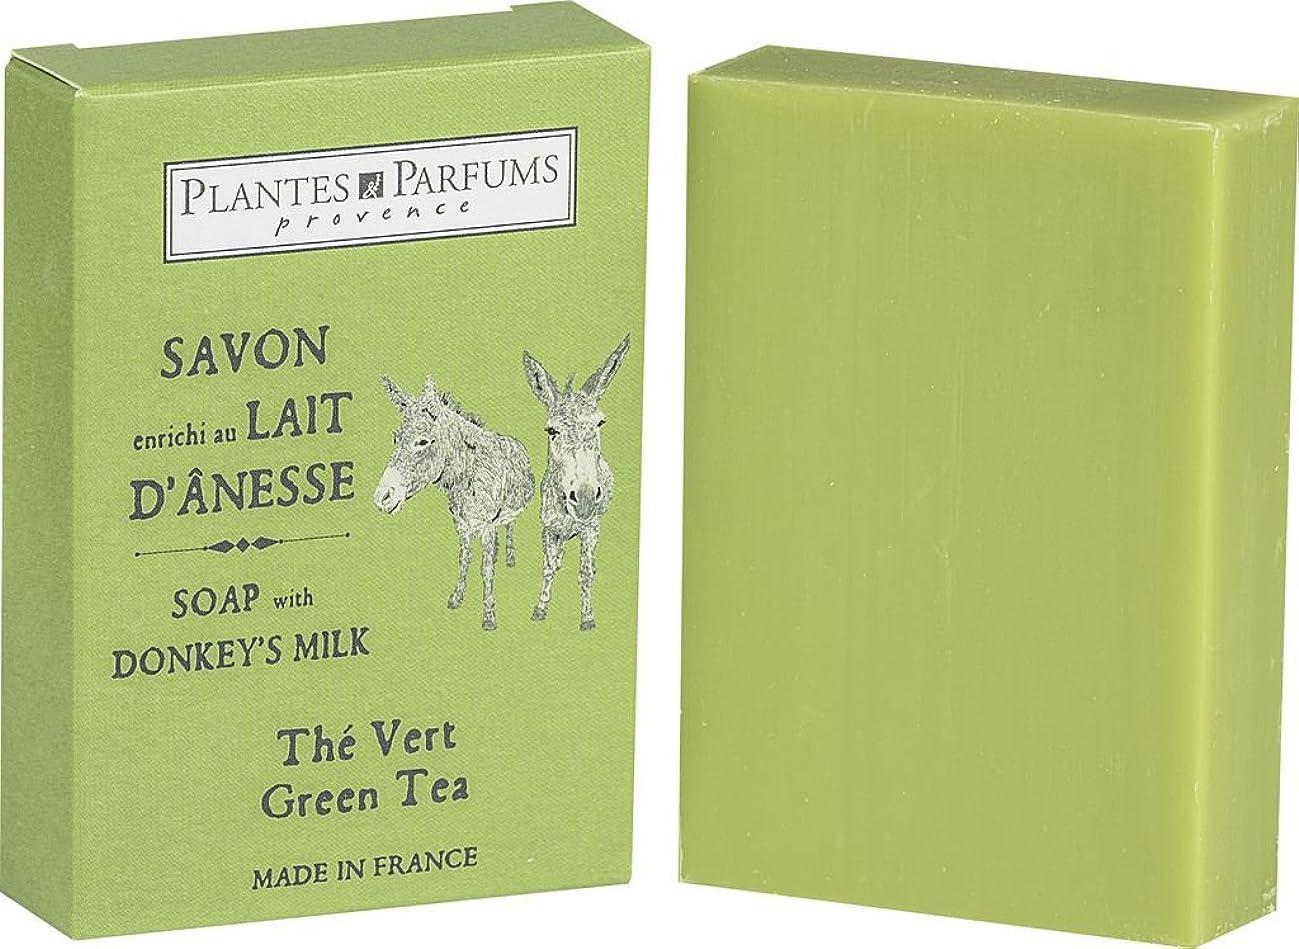 冷酷な寄生虫言い直すPlantes&Parfums [プランツ&パルファム] ロバミルクソープ100g グリーンティ